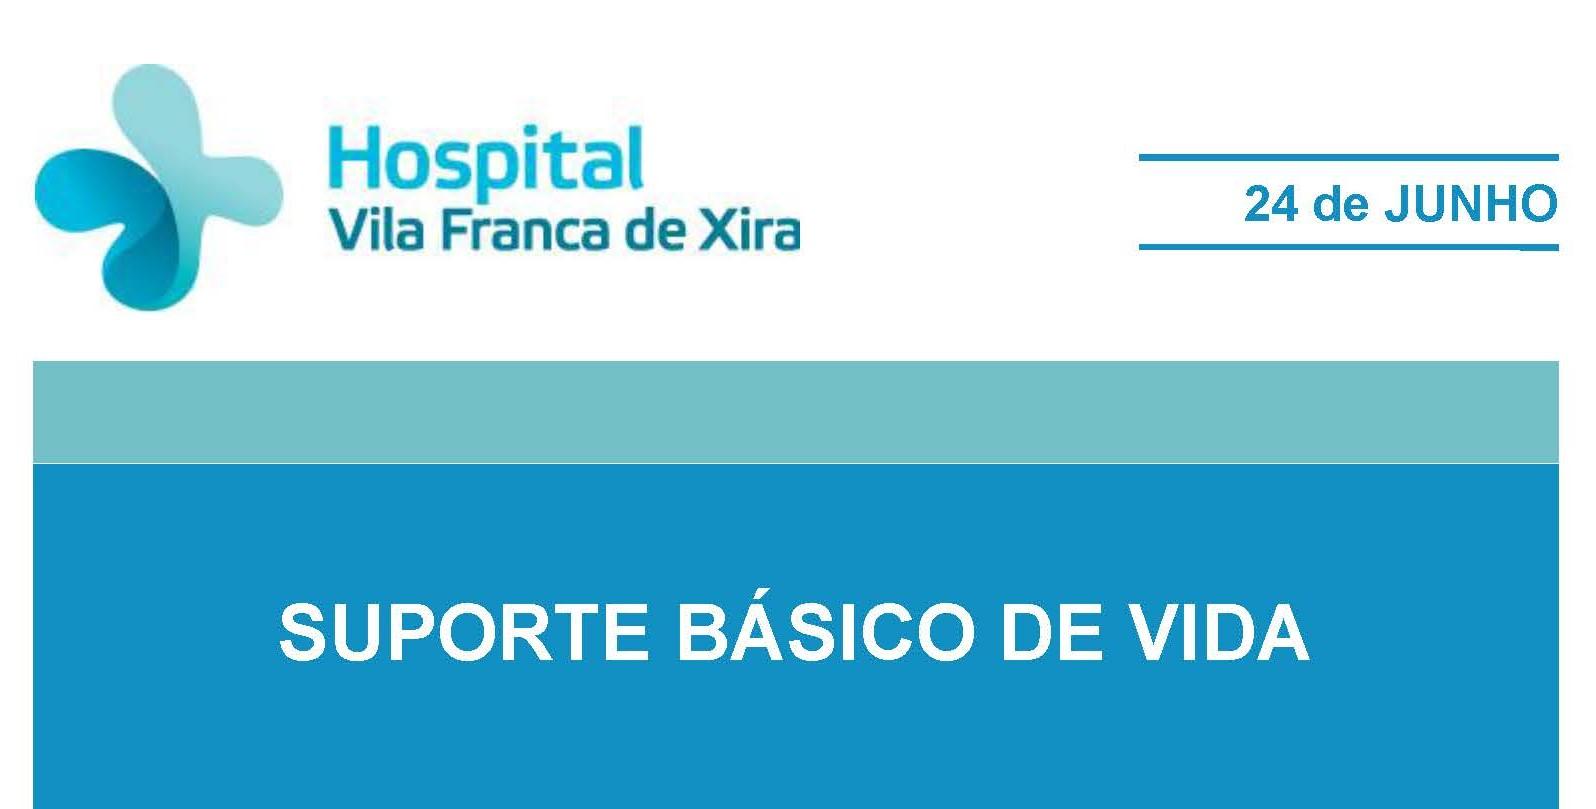 hospital-de-vila-franca-de-xira-O Suporte Básico de Vida